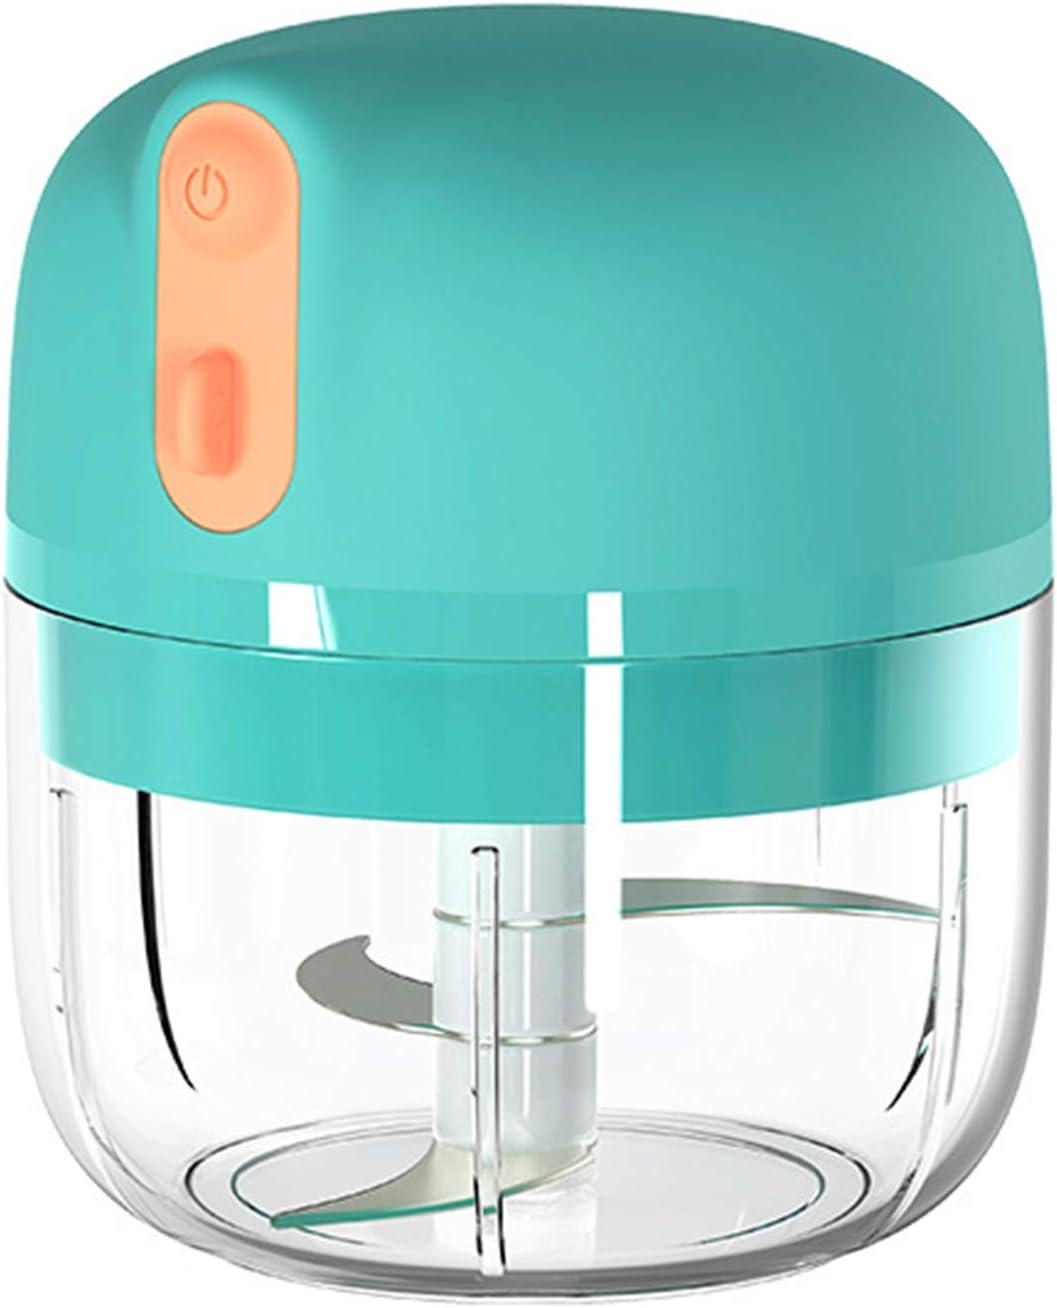 BL 1 machine /à broyer sans fil portable et compact IP68 /étanche coupe ail-fruits-l/égumes-oignons-salade Saicowordist Mini hachoir /électrique